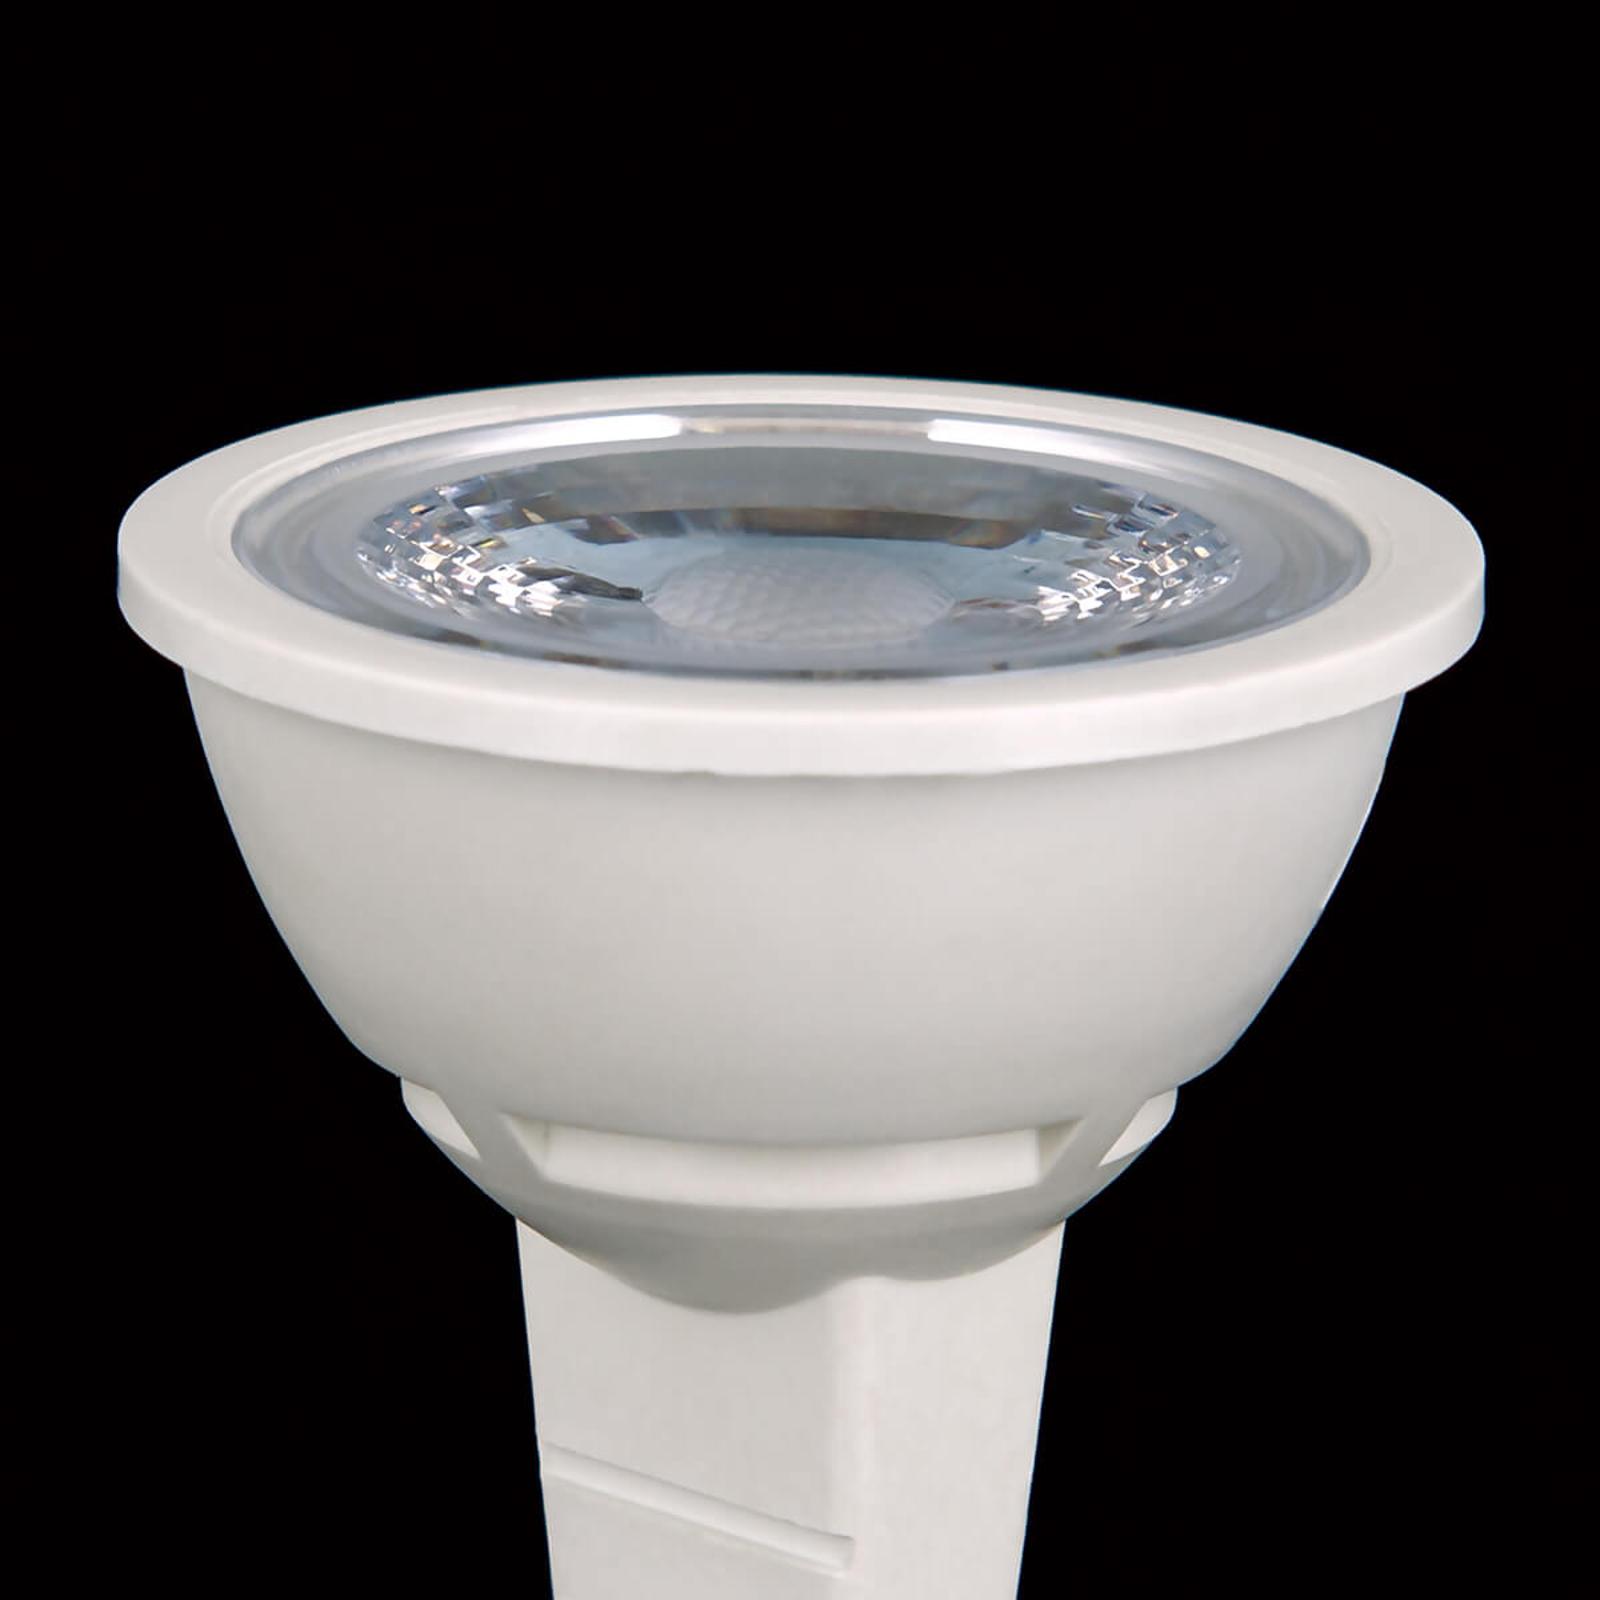 LED-Reflektor 38° GU5,3 12V 6W, warmweiß, 540 lm